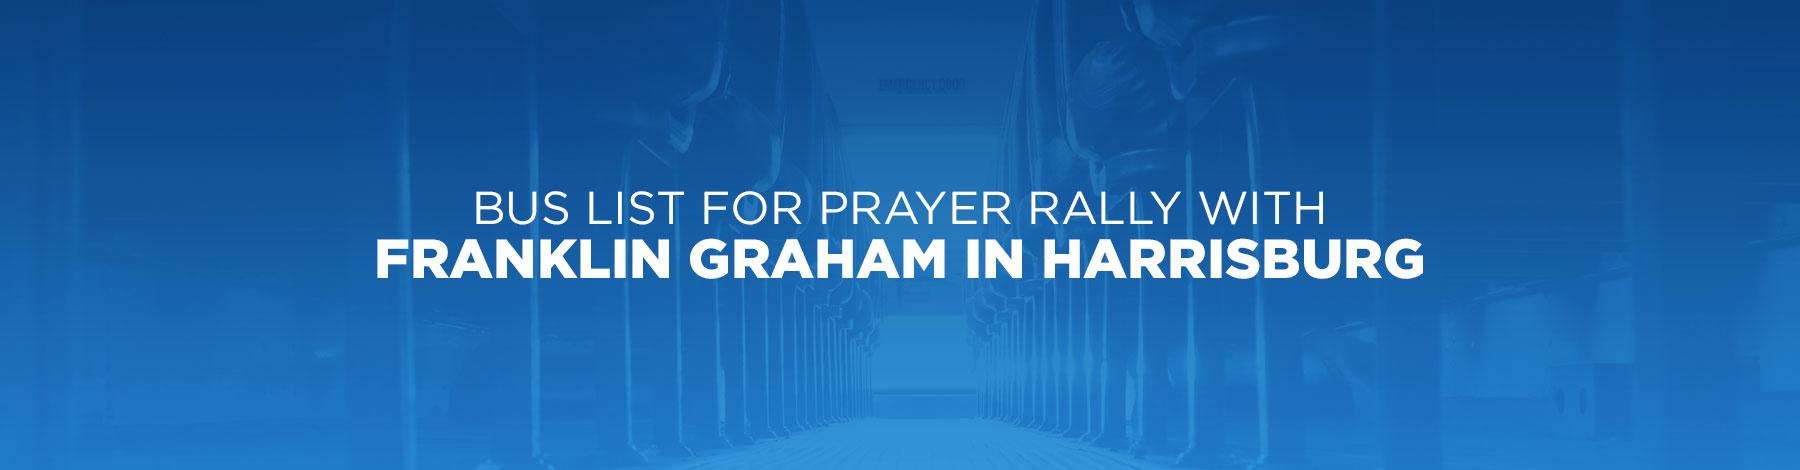 Bus-List-for-Prayer-Rally-Rotator